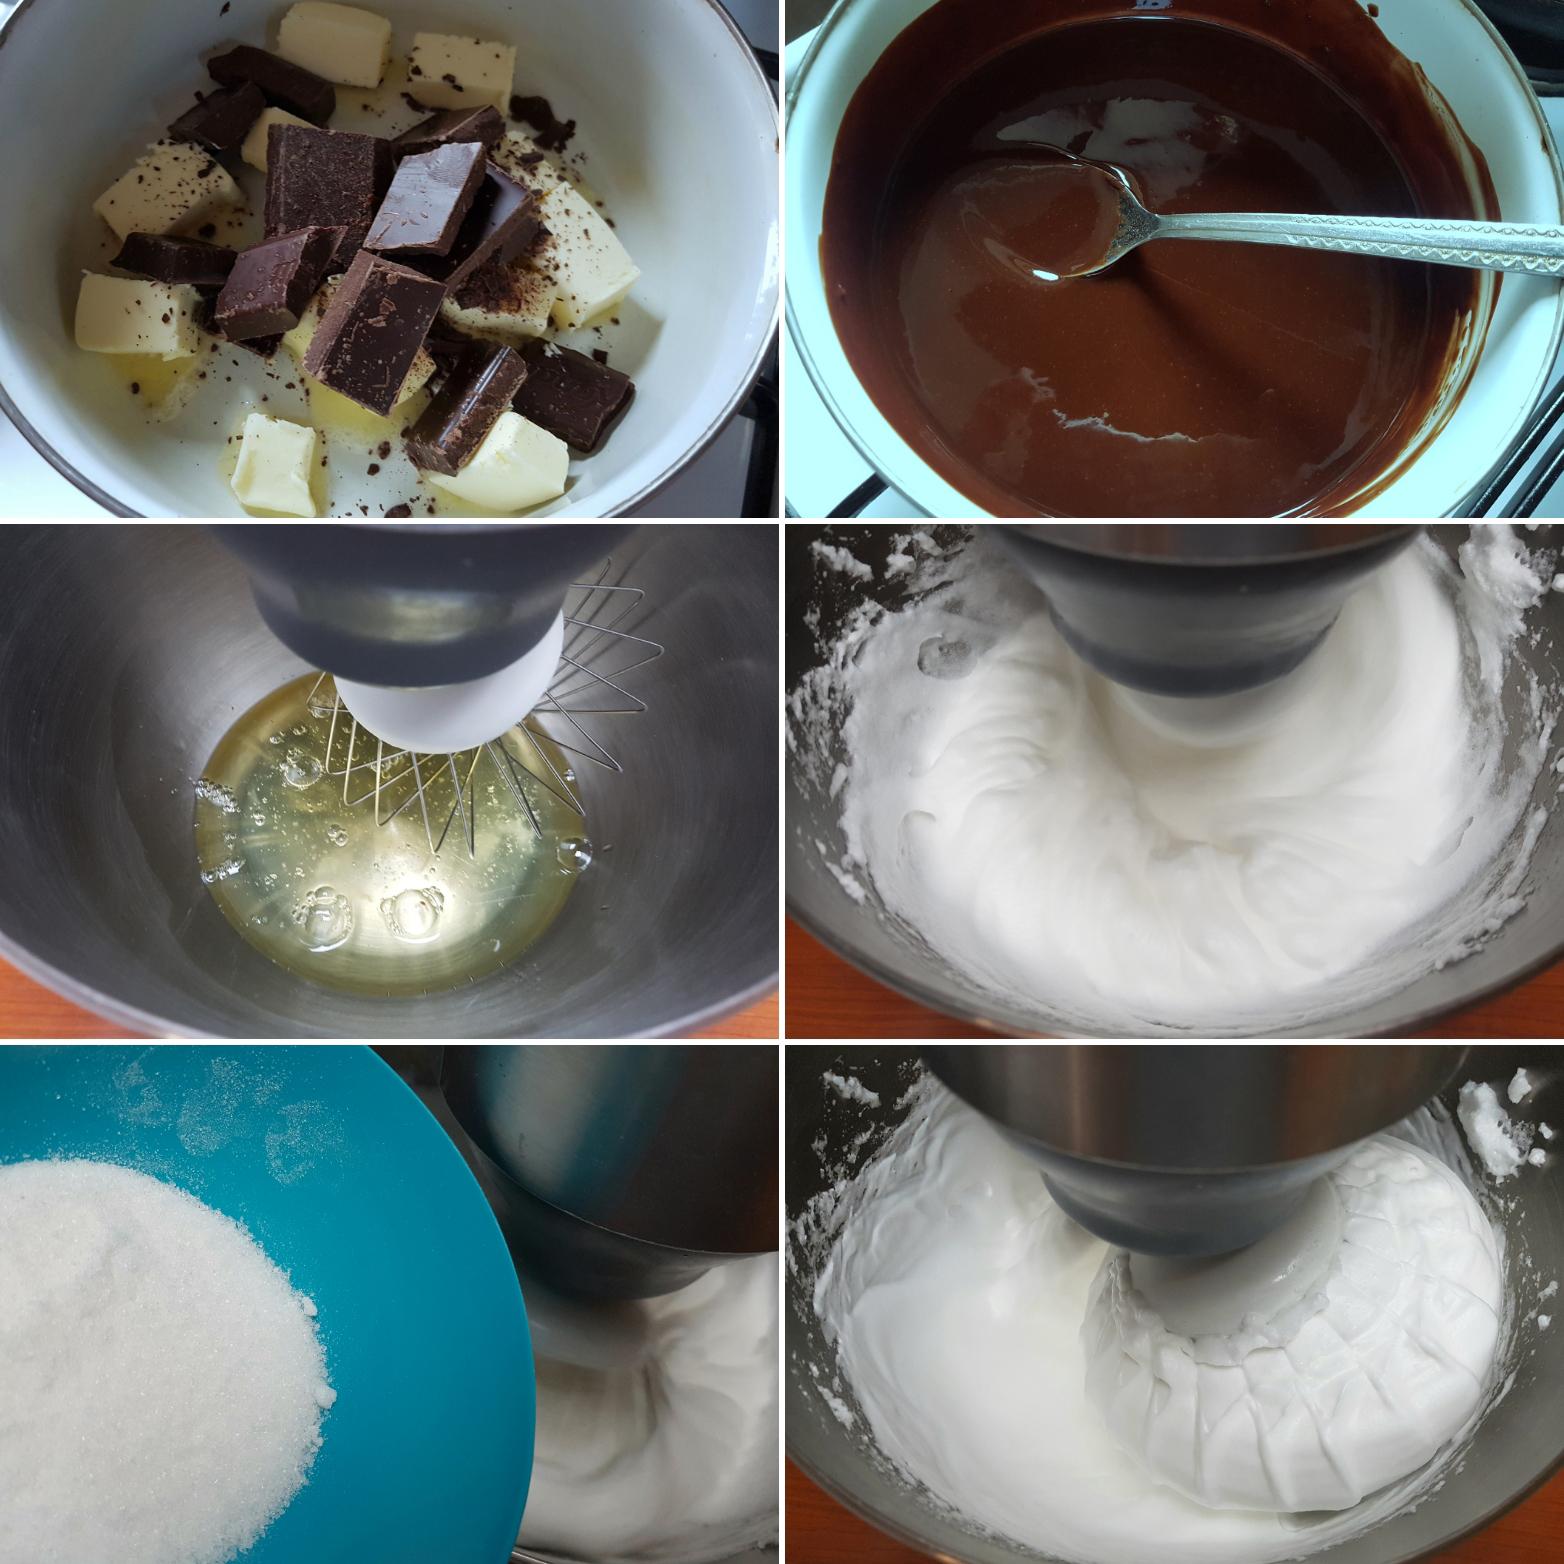 Cokoladni-mafini-od-belanaca-7